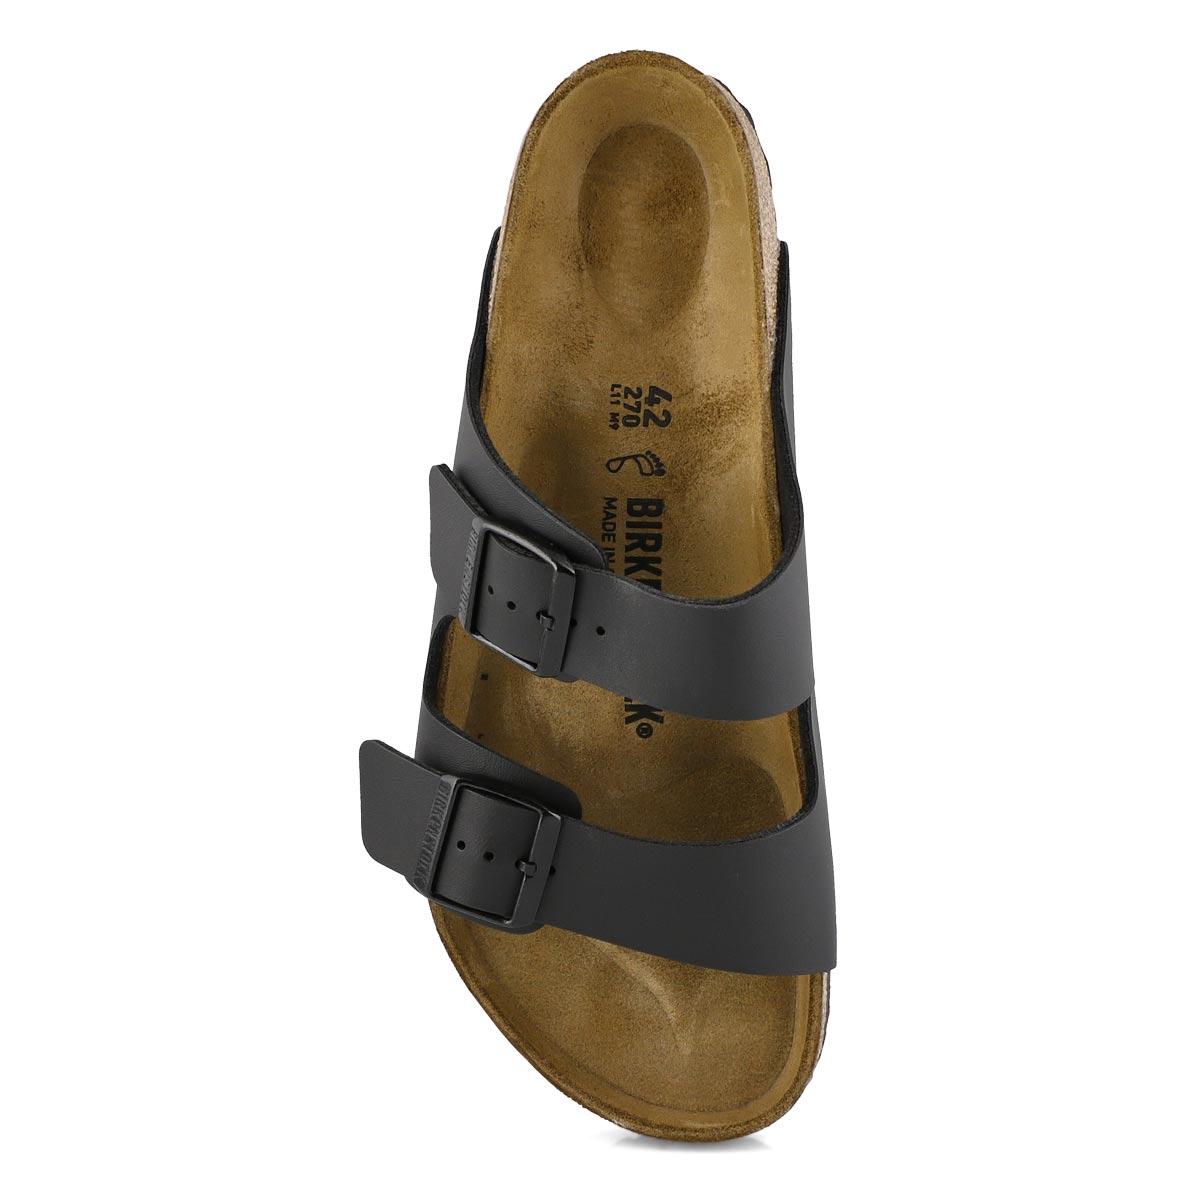 Mns Arizona black 2 strap sandal